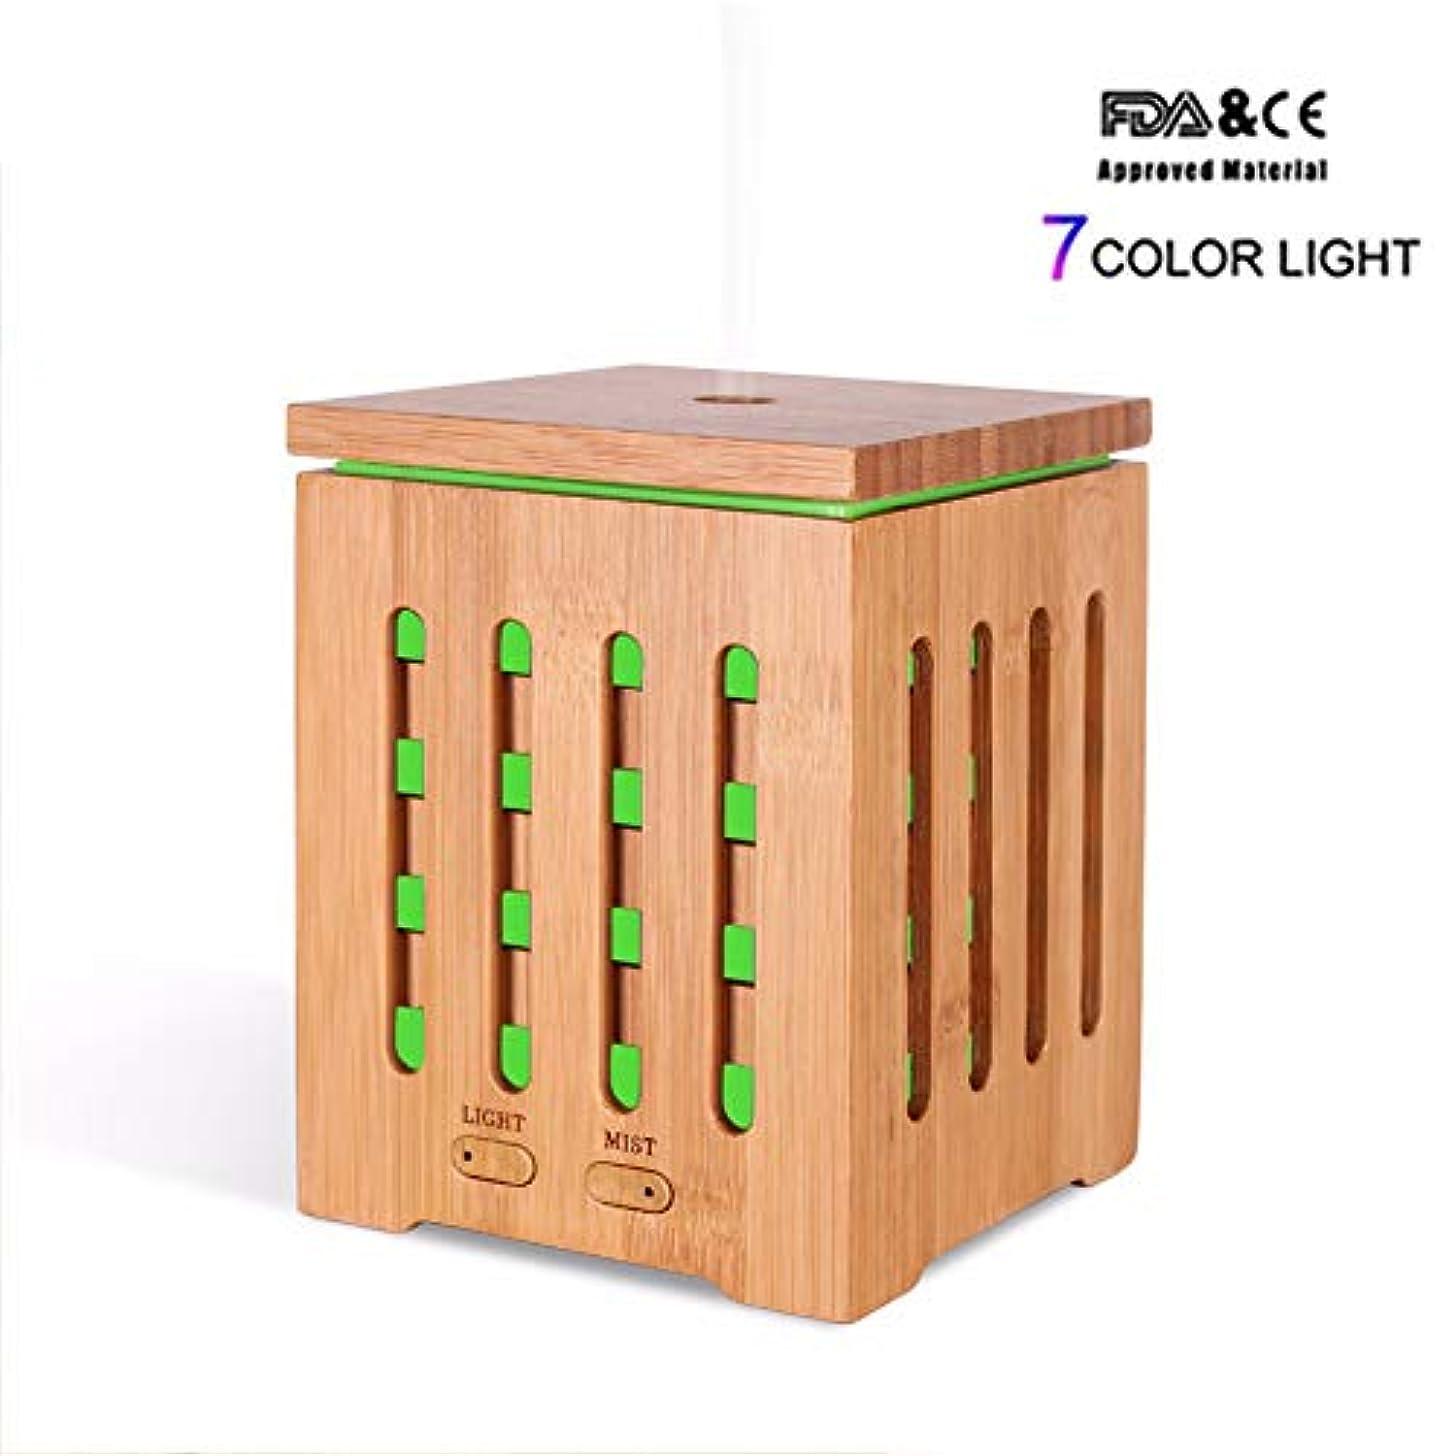 公平放送予約200MLリアル竹エッセンシャルオイルディフューザーアロマテラピー空気加湿器7色LEDライトホームワークスSPA健康的